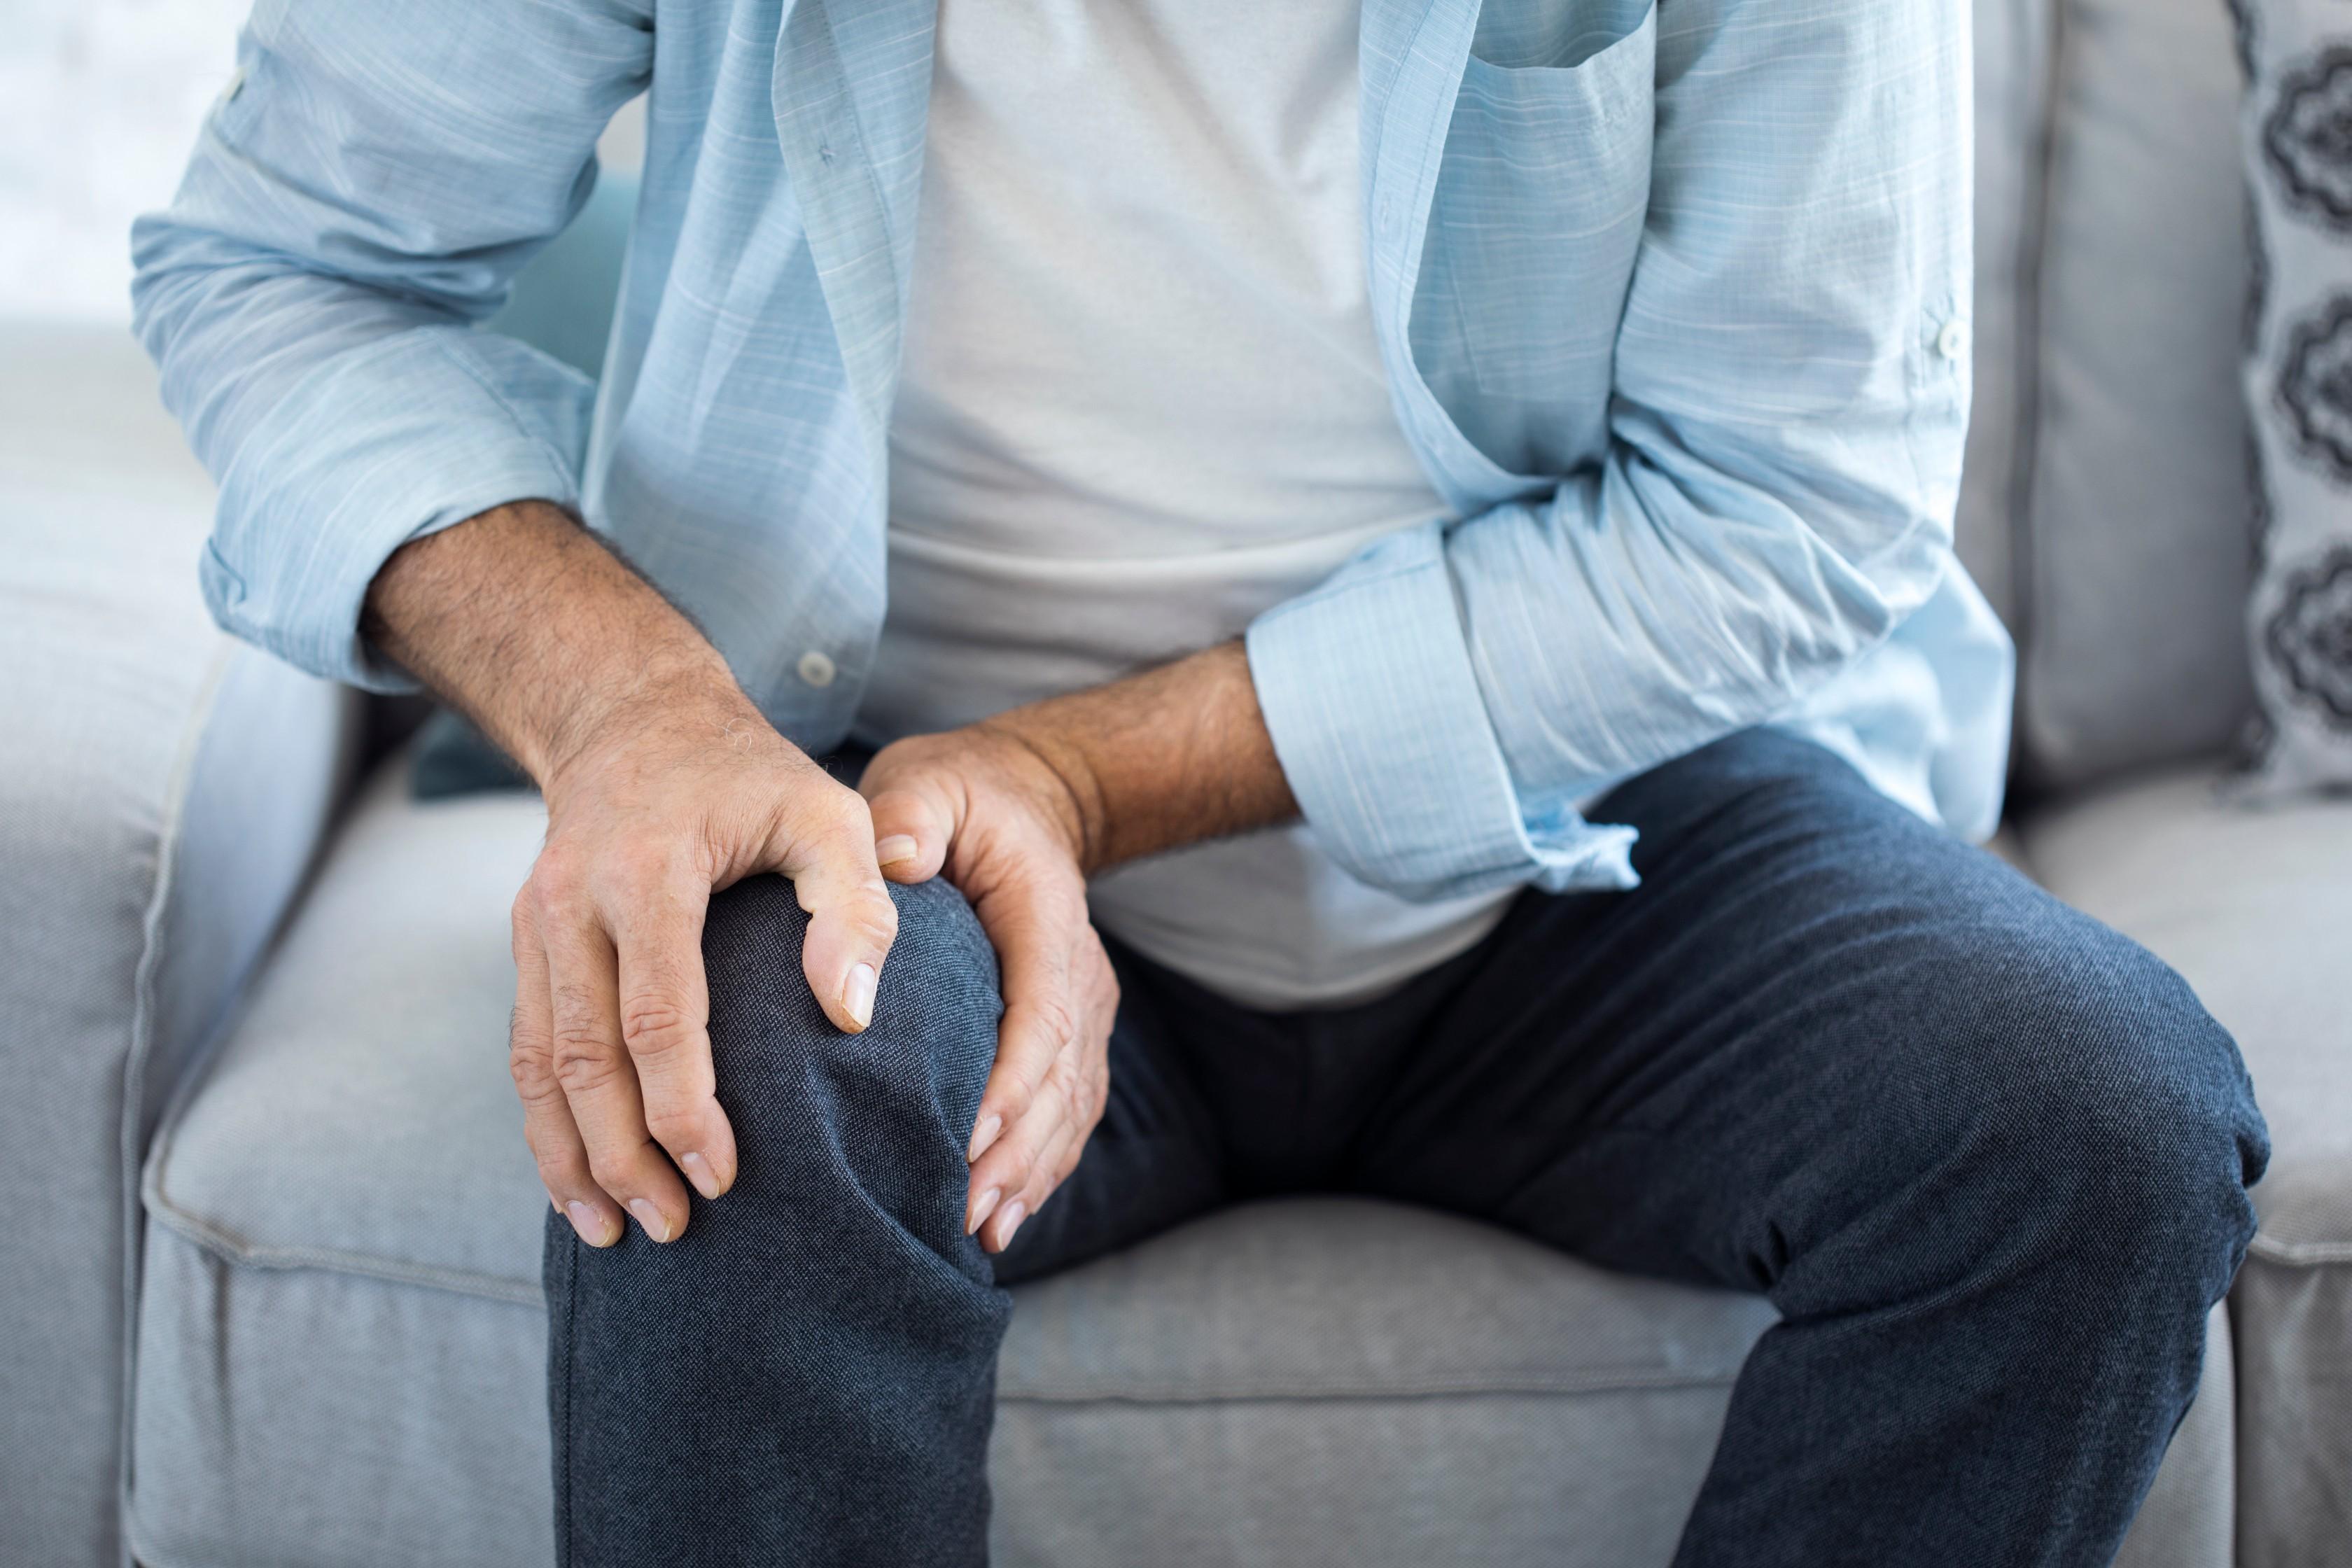 ízületi fájdalom az ujj lábánál)